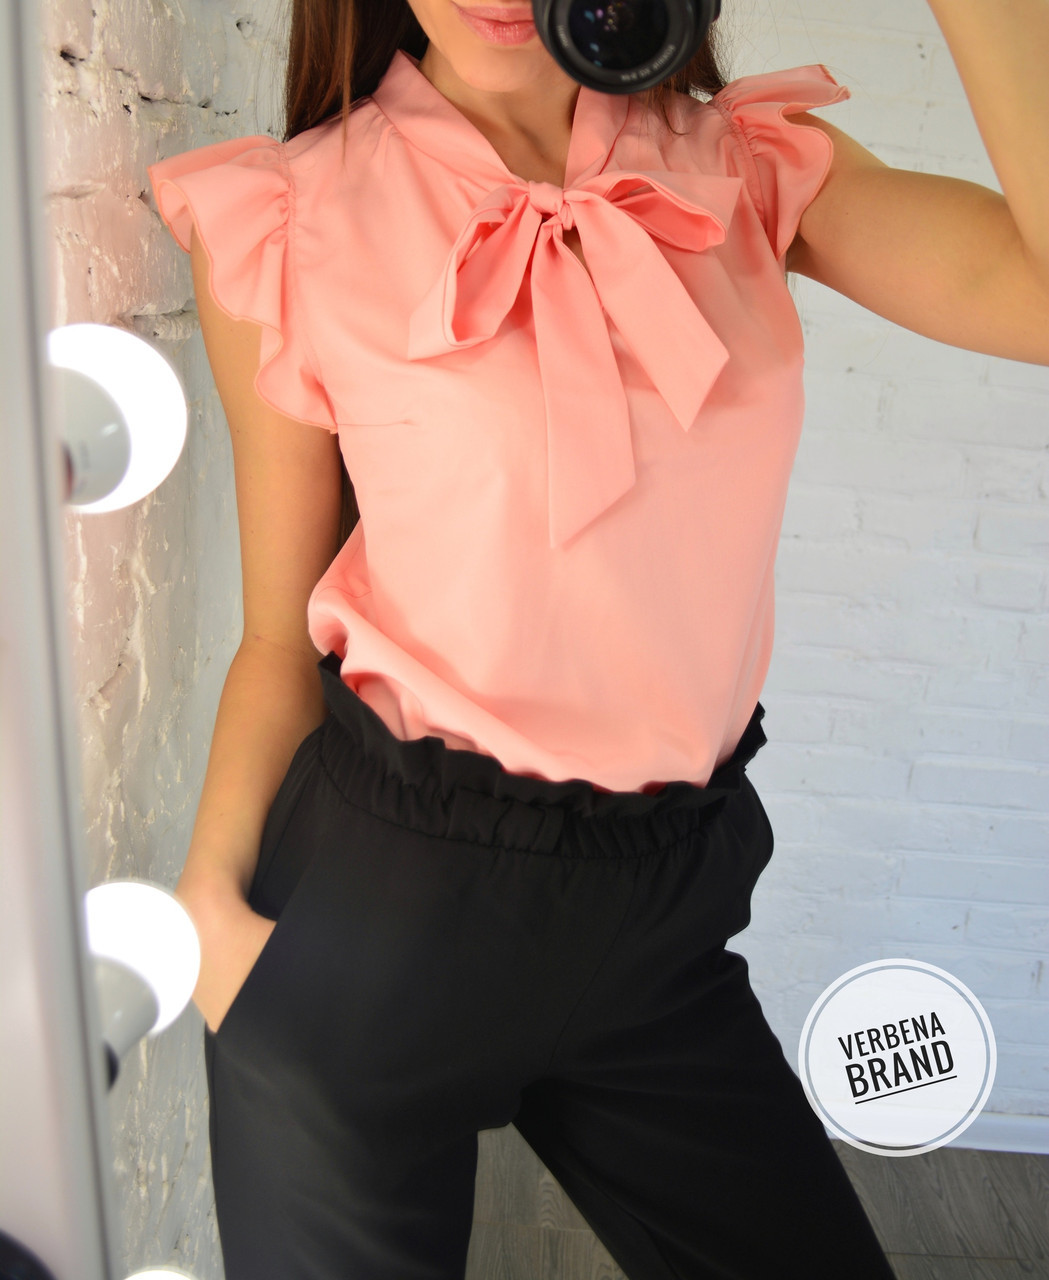 Женская блуза с воротником- бант в моделях, р-р 48-50. ВЕ-17-1-0519